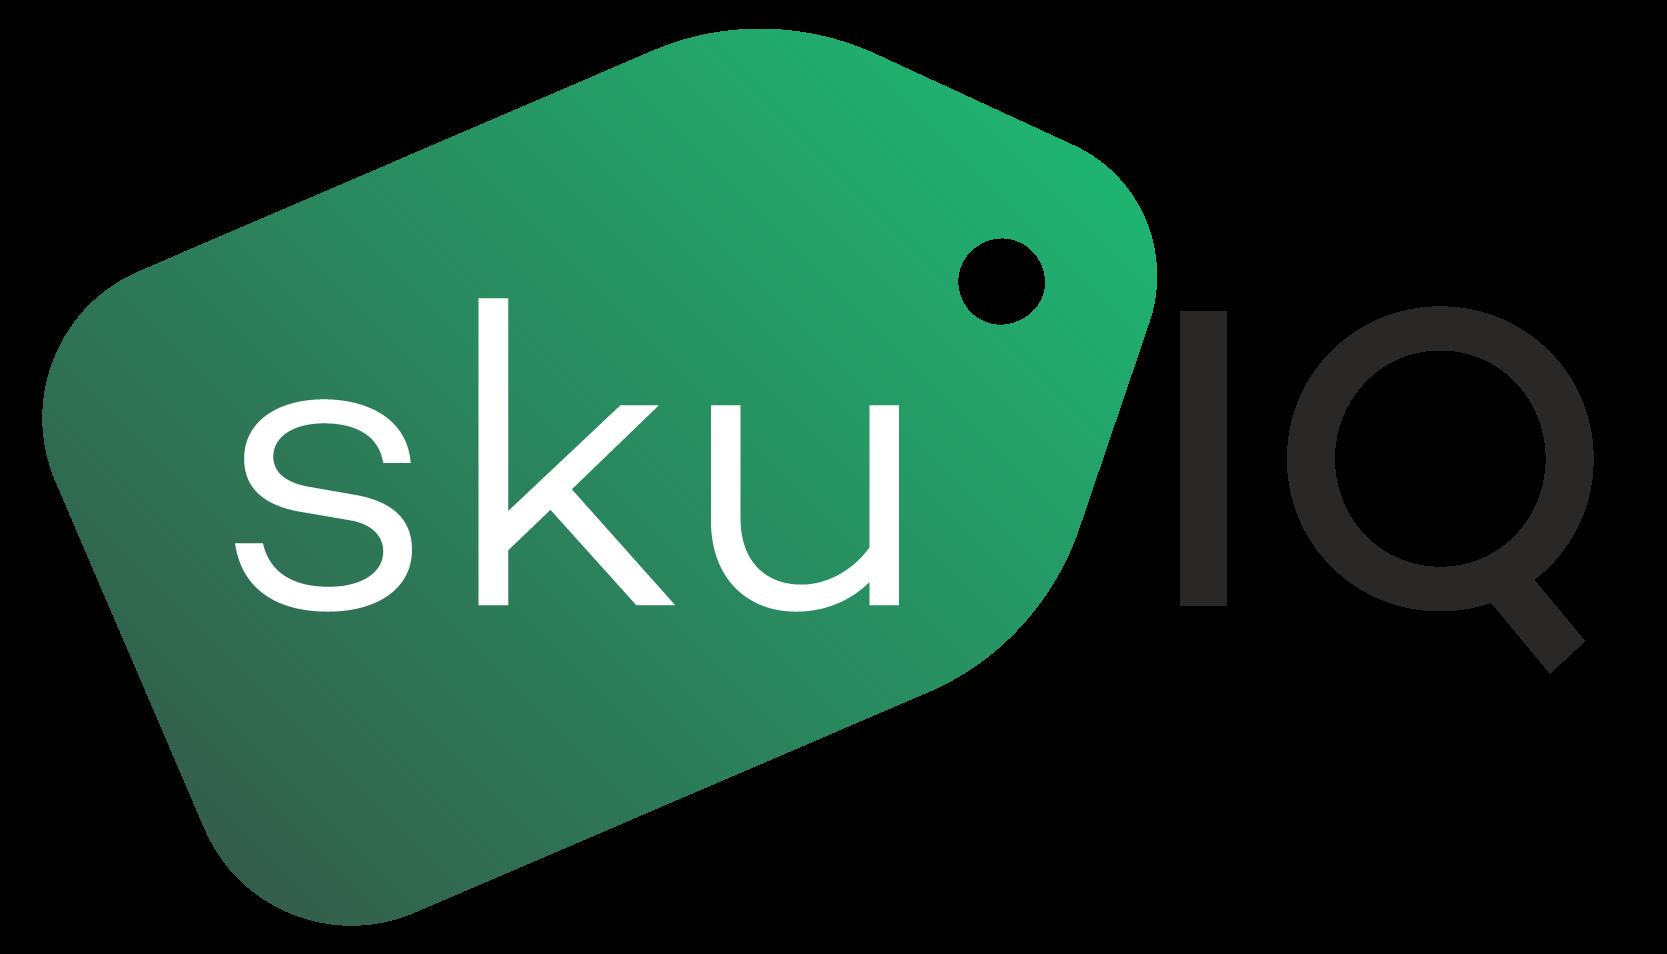 skuIQ_logo gradient